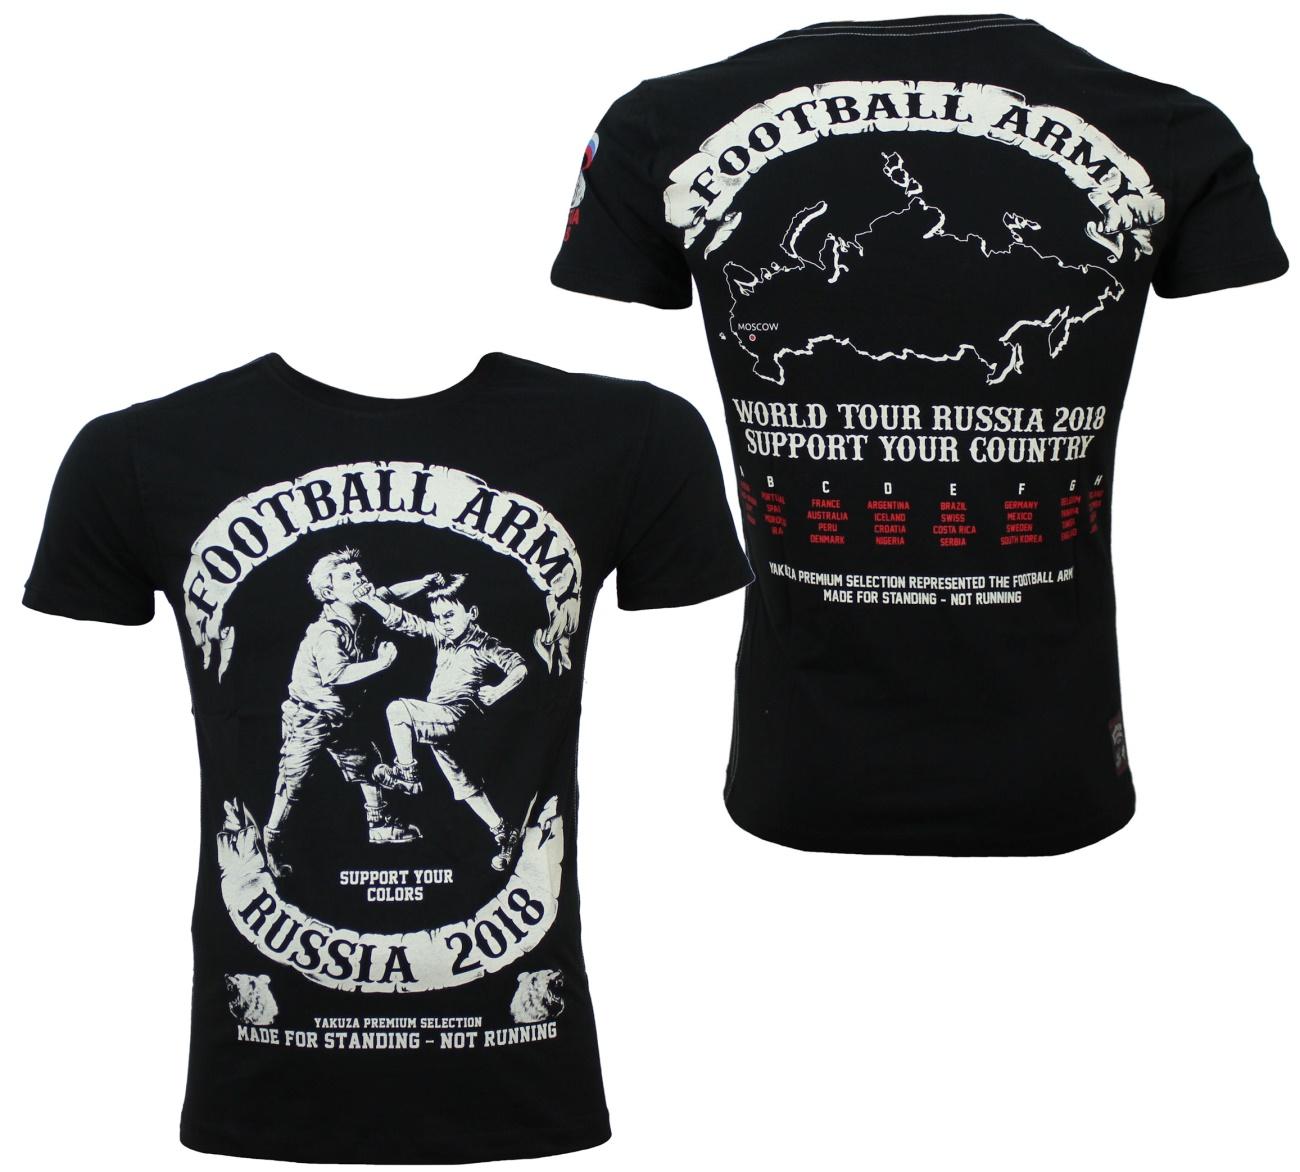 Yakuza Premium T-Shirt WM Football Army Russia